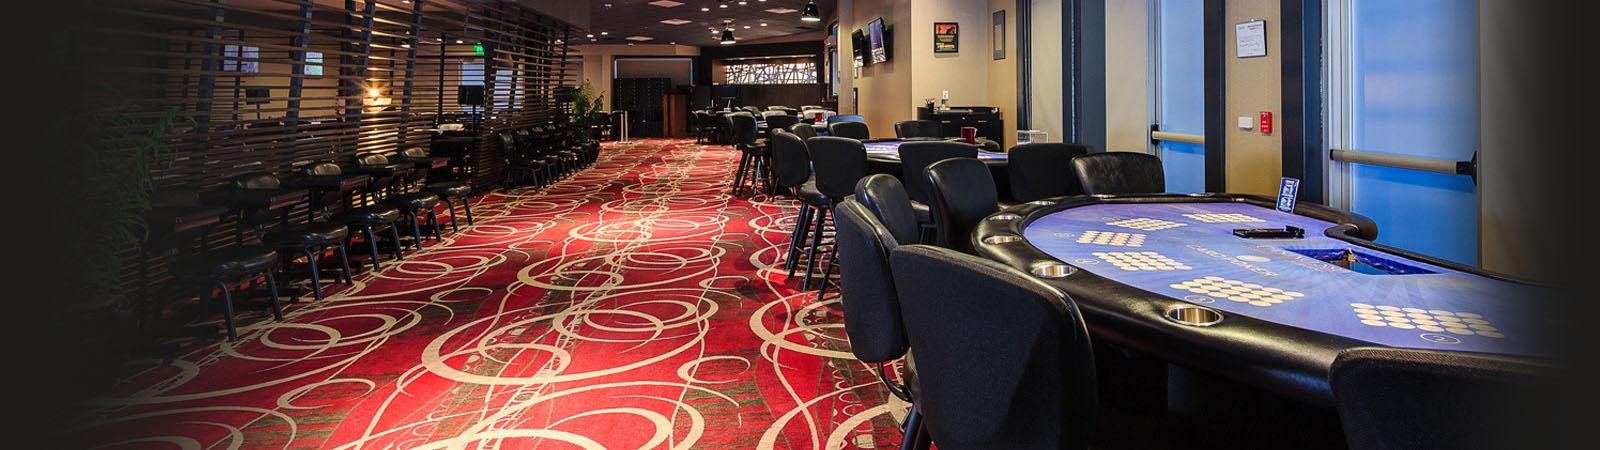 Livermore casino